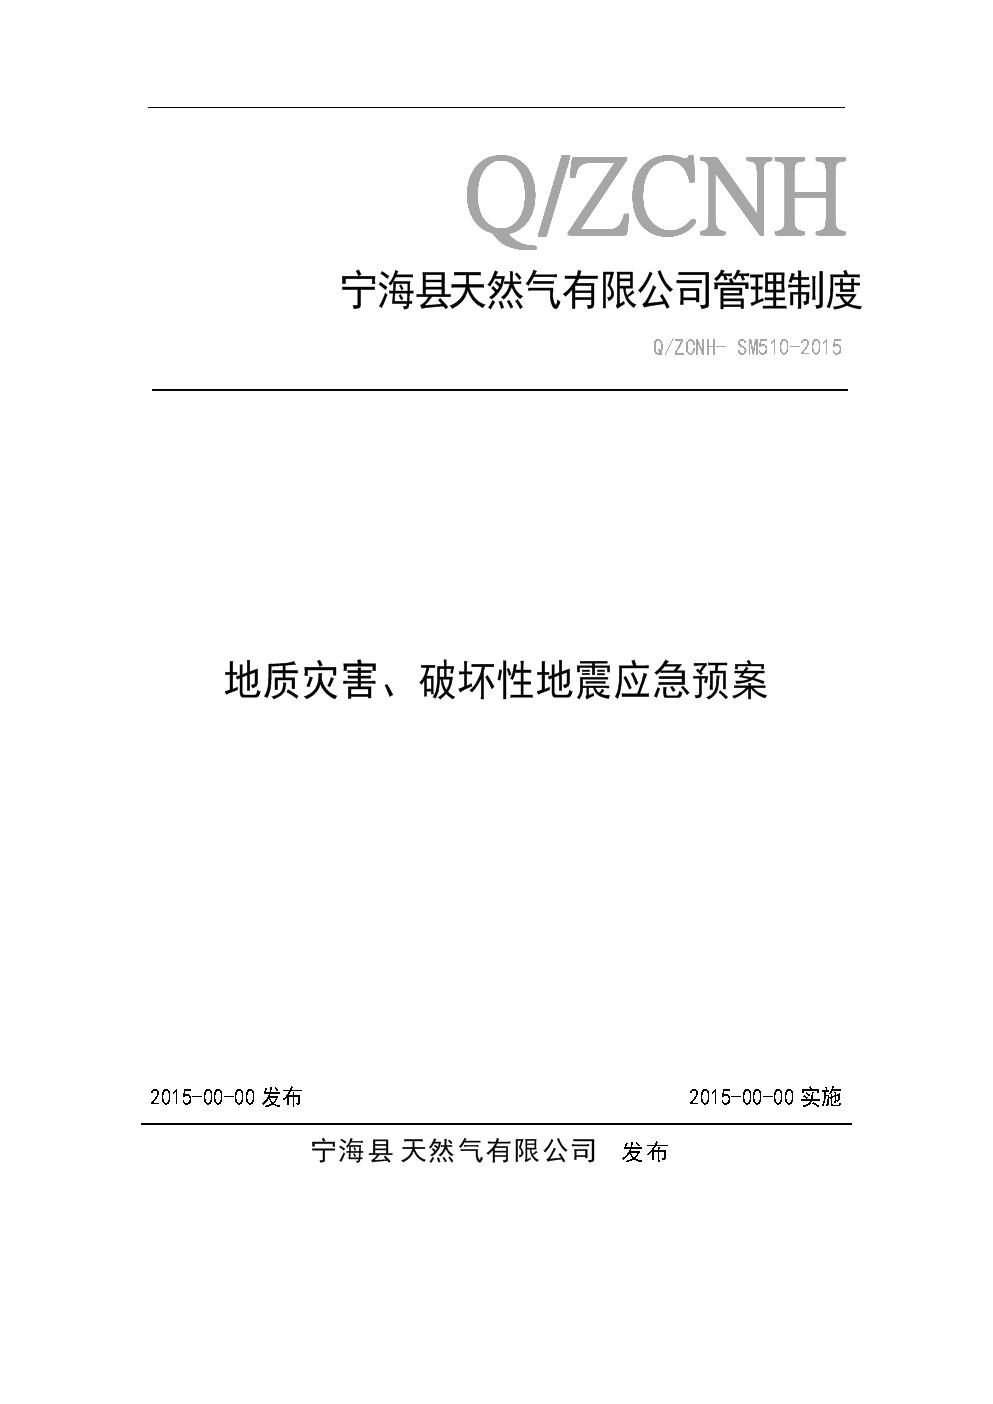 地质灾害、破坏性地震应急预案.doc